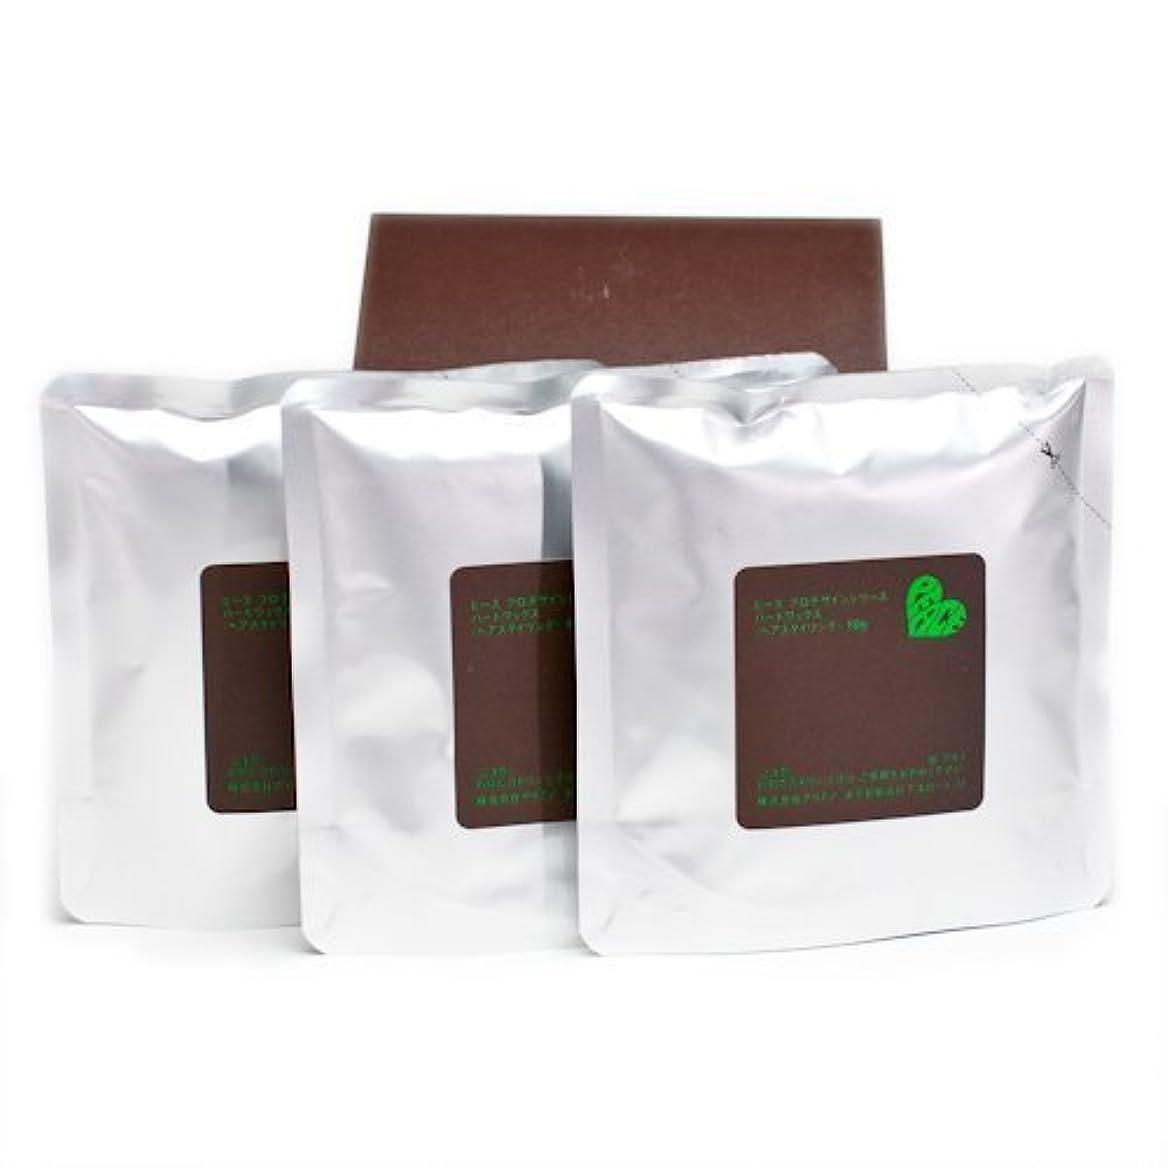 ノミネート消毒剤速度アリミノ ピース ハードワックス (チョコ) 80g(業務?詰替用)×3個入り